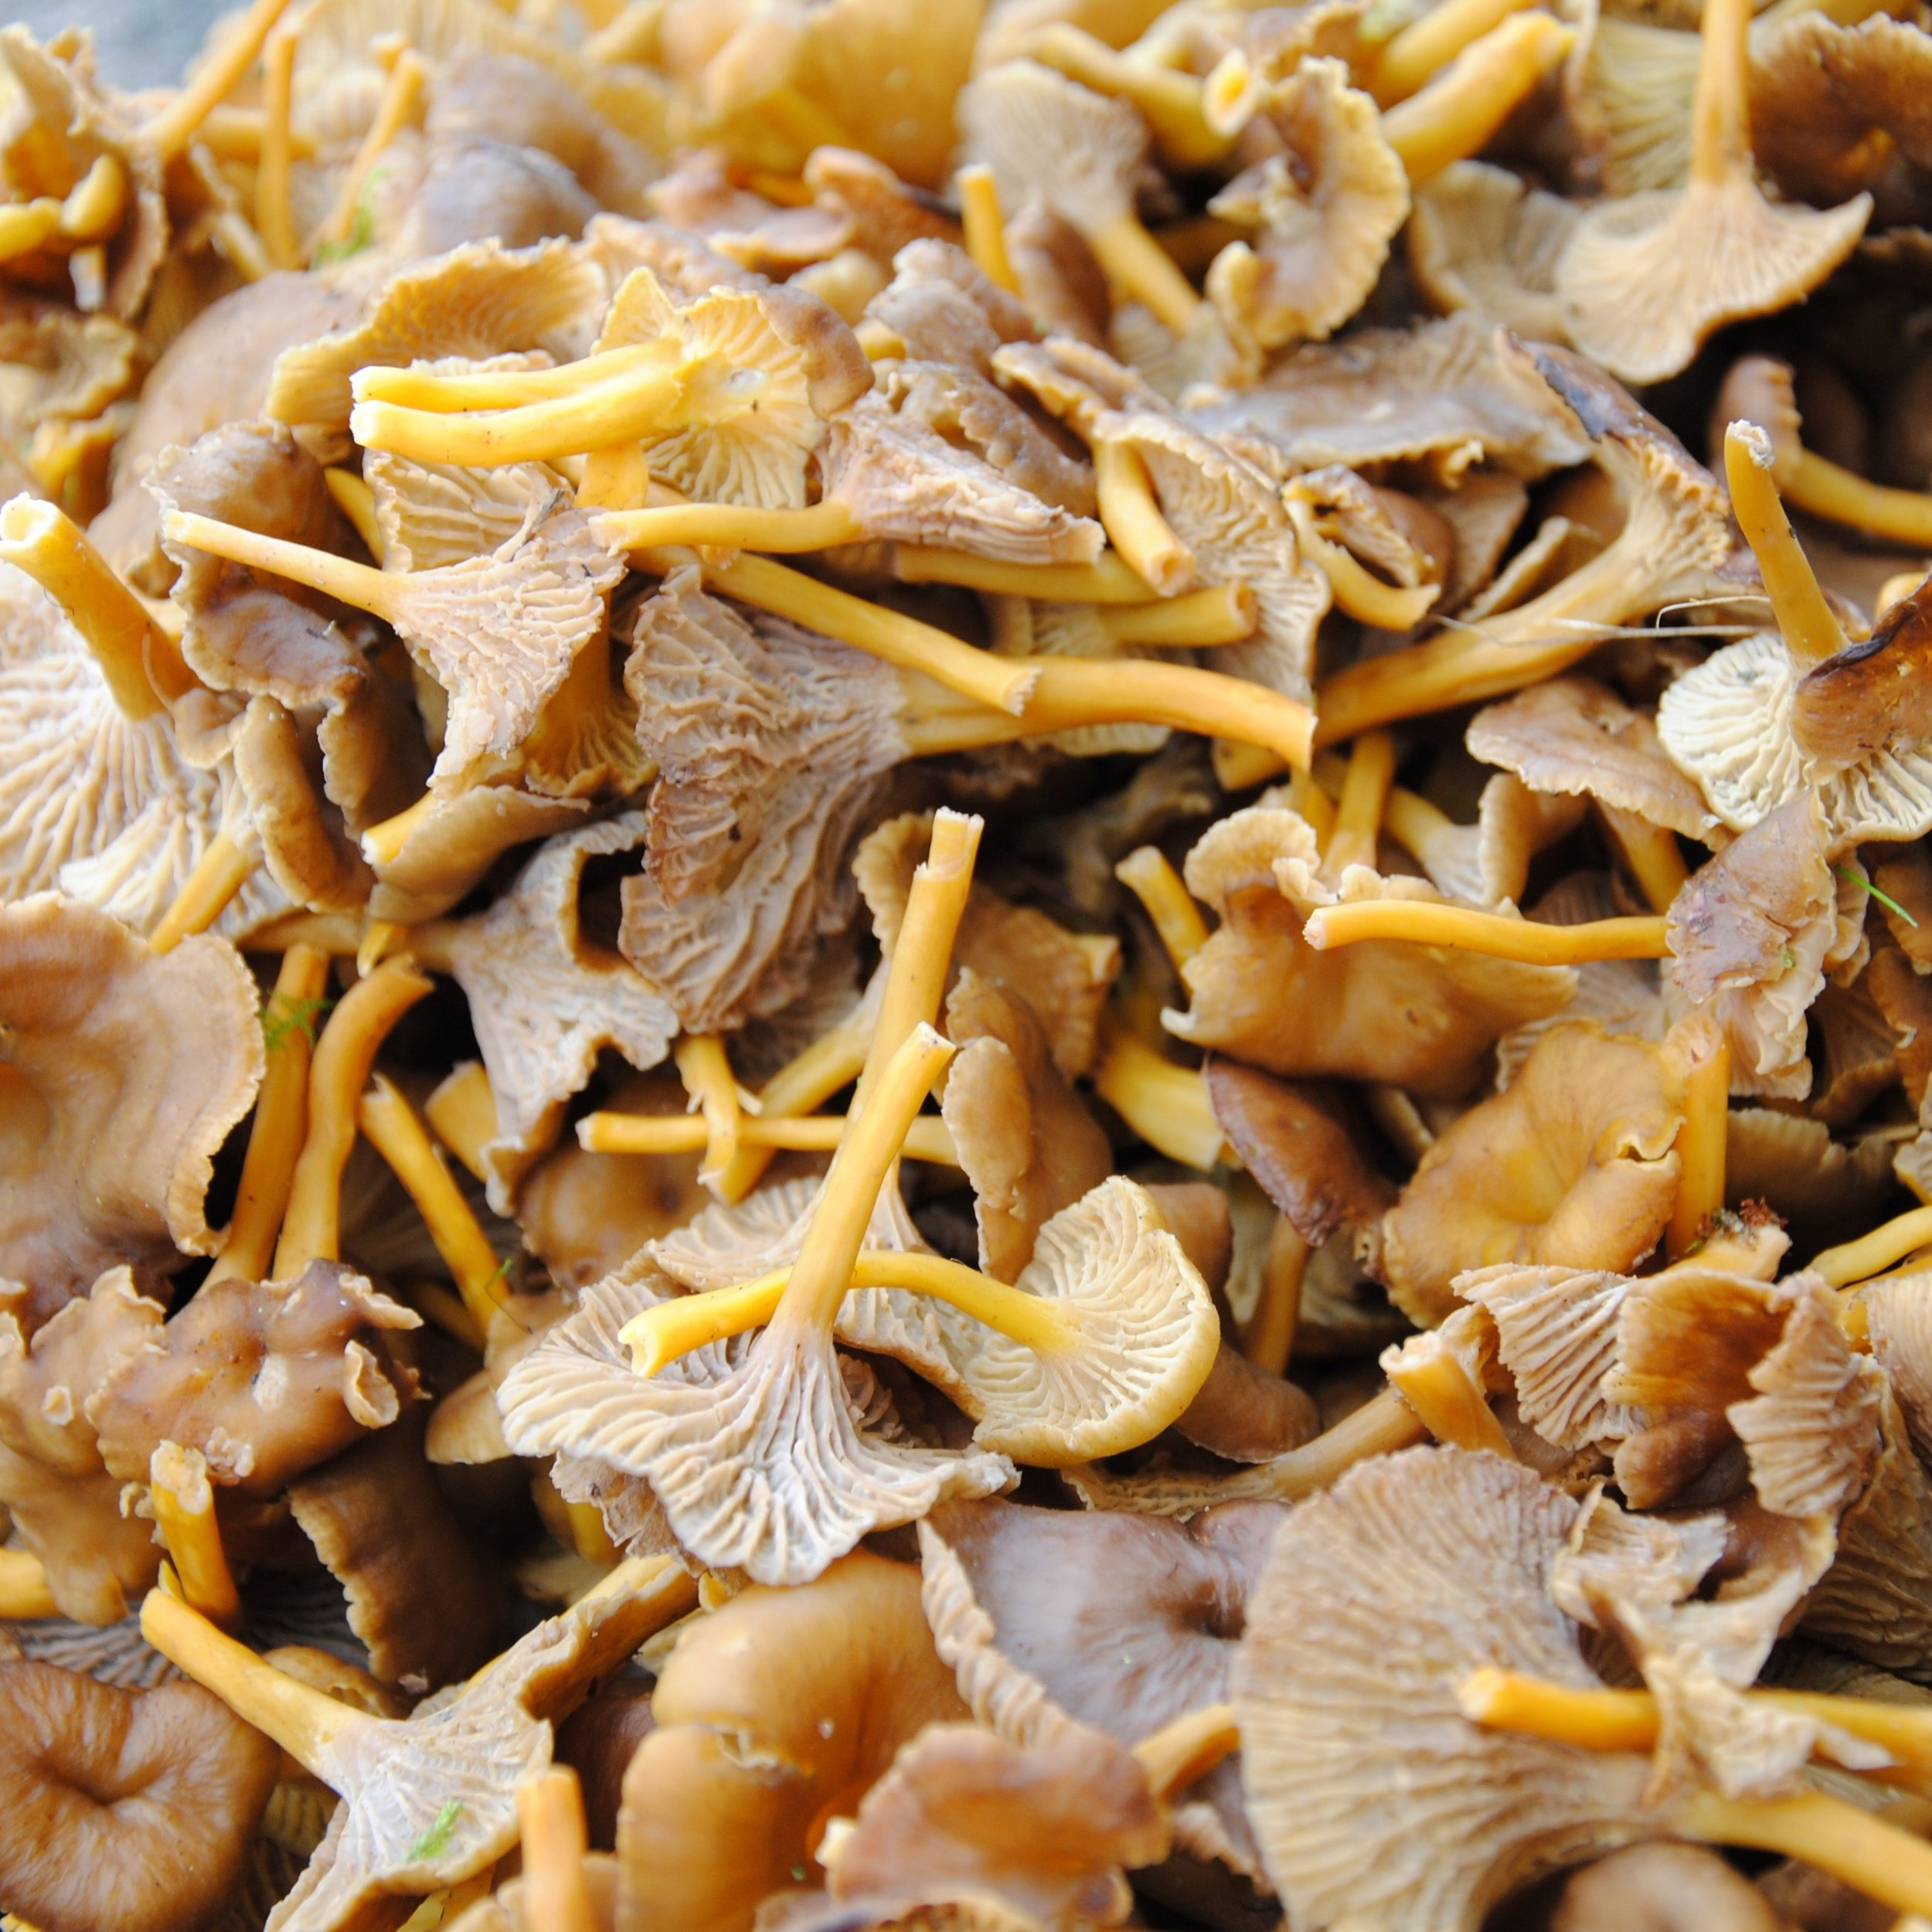 Craterellus tubaeformis or Funnel Chantarelle.